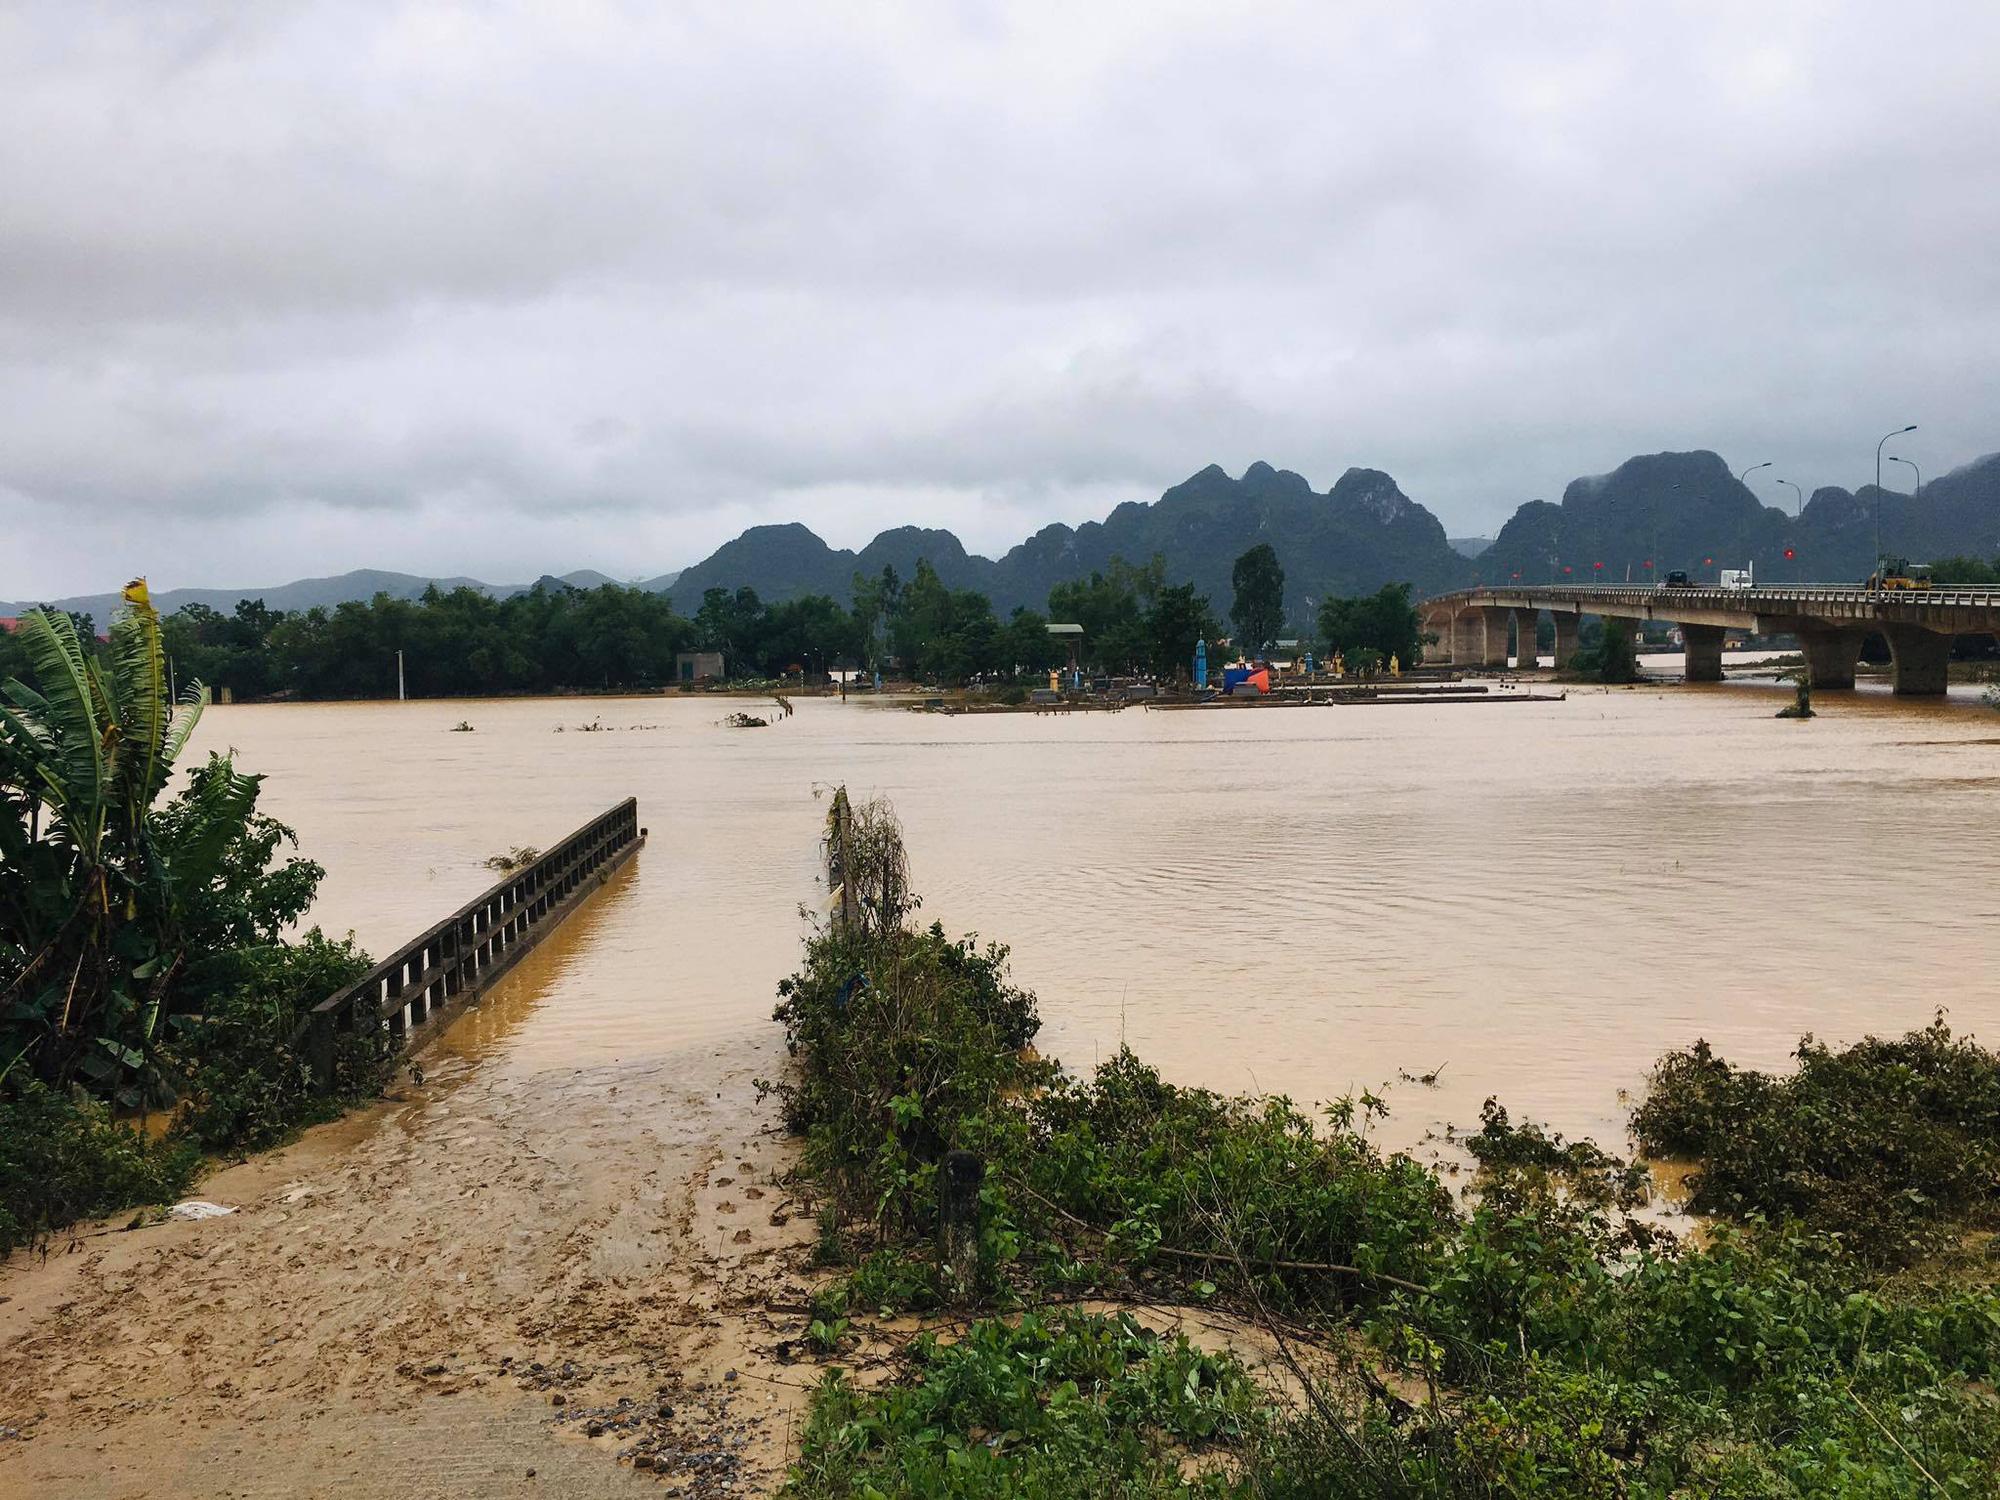 """Người dân Quảng Bình đưa trâu bò lên cầu bắc qua sông Gianh """"chạy"""" lũ lịch sử - Ảnh 8."""